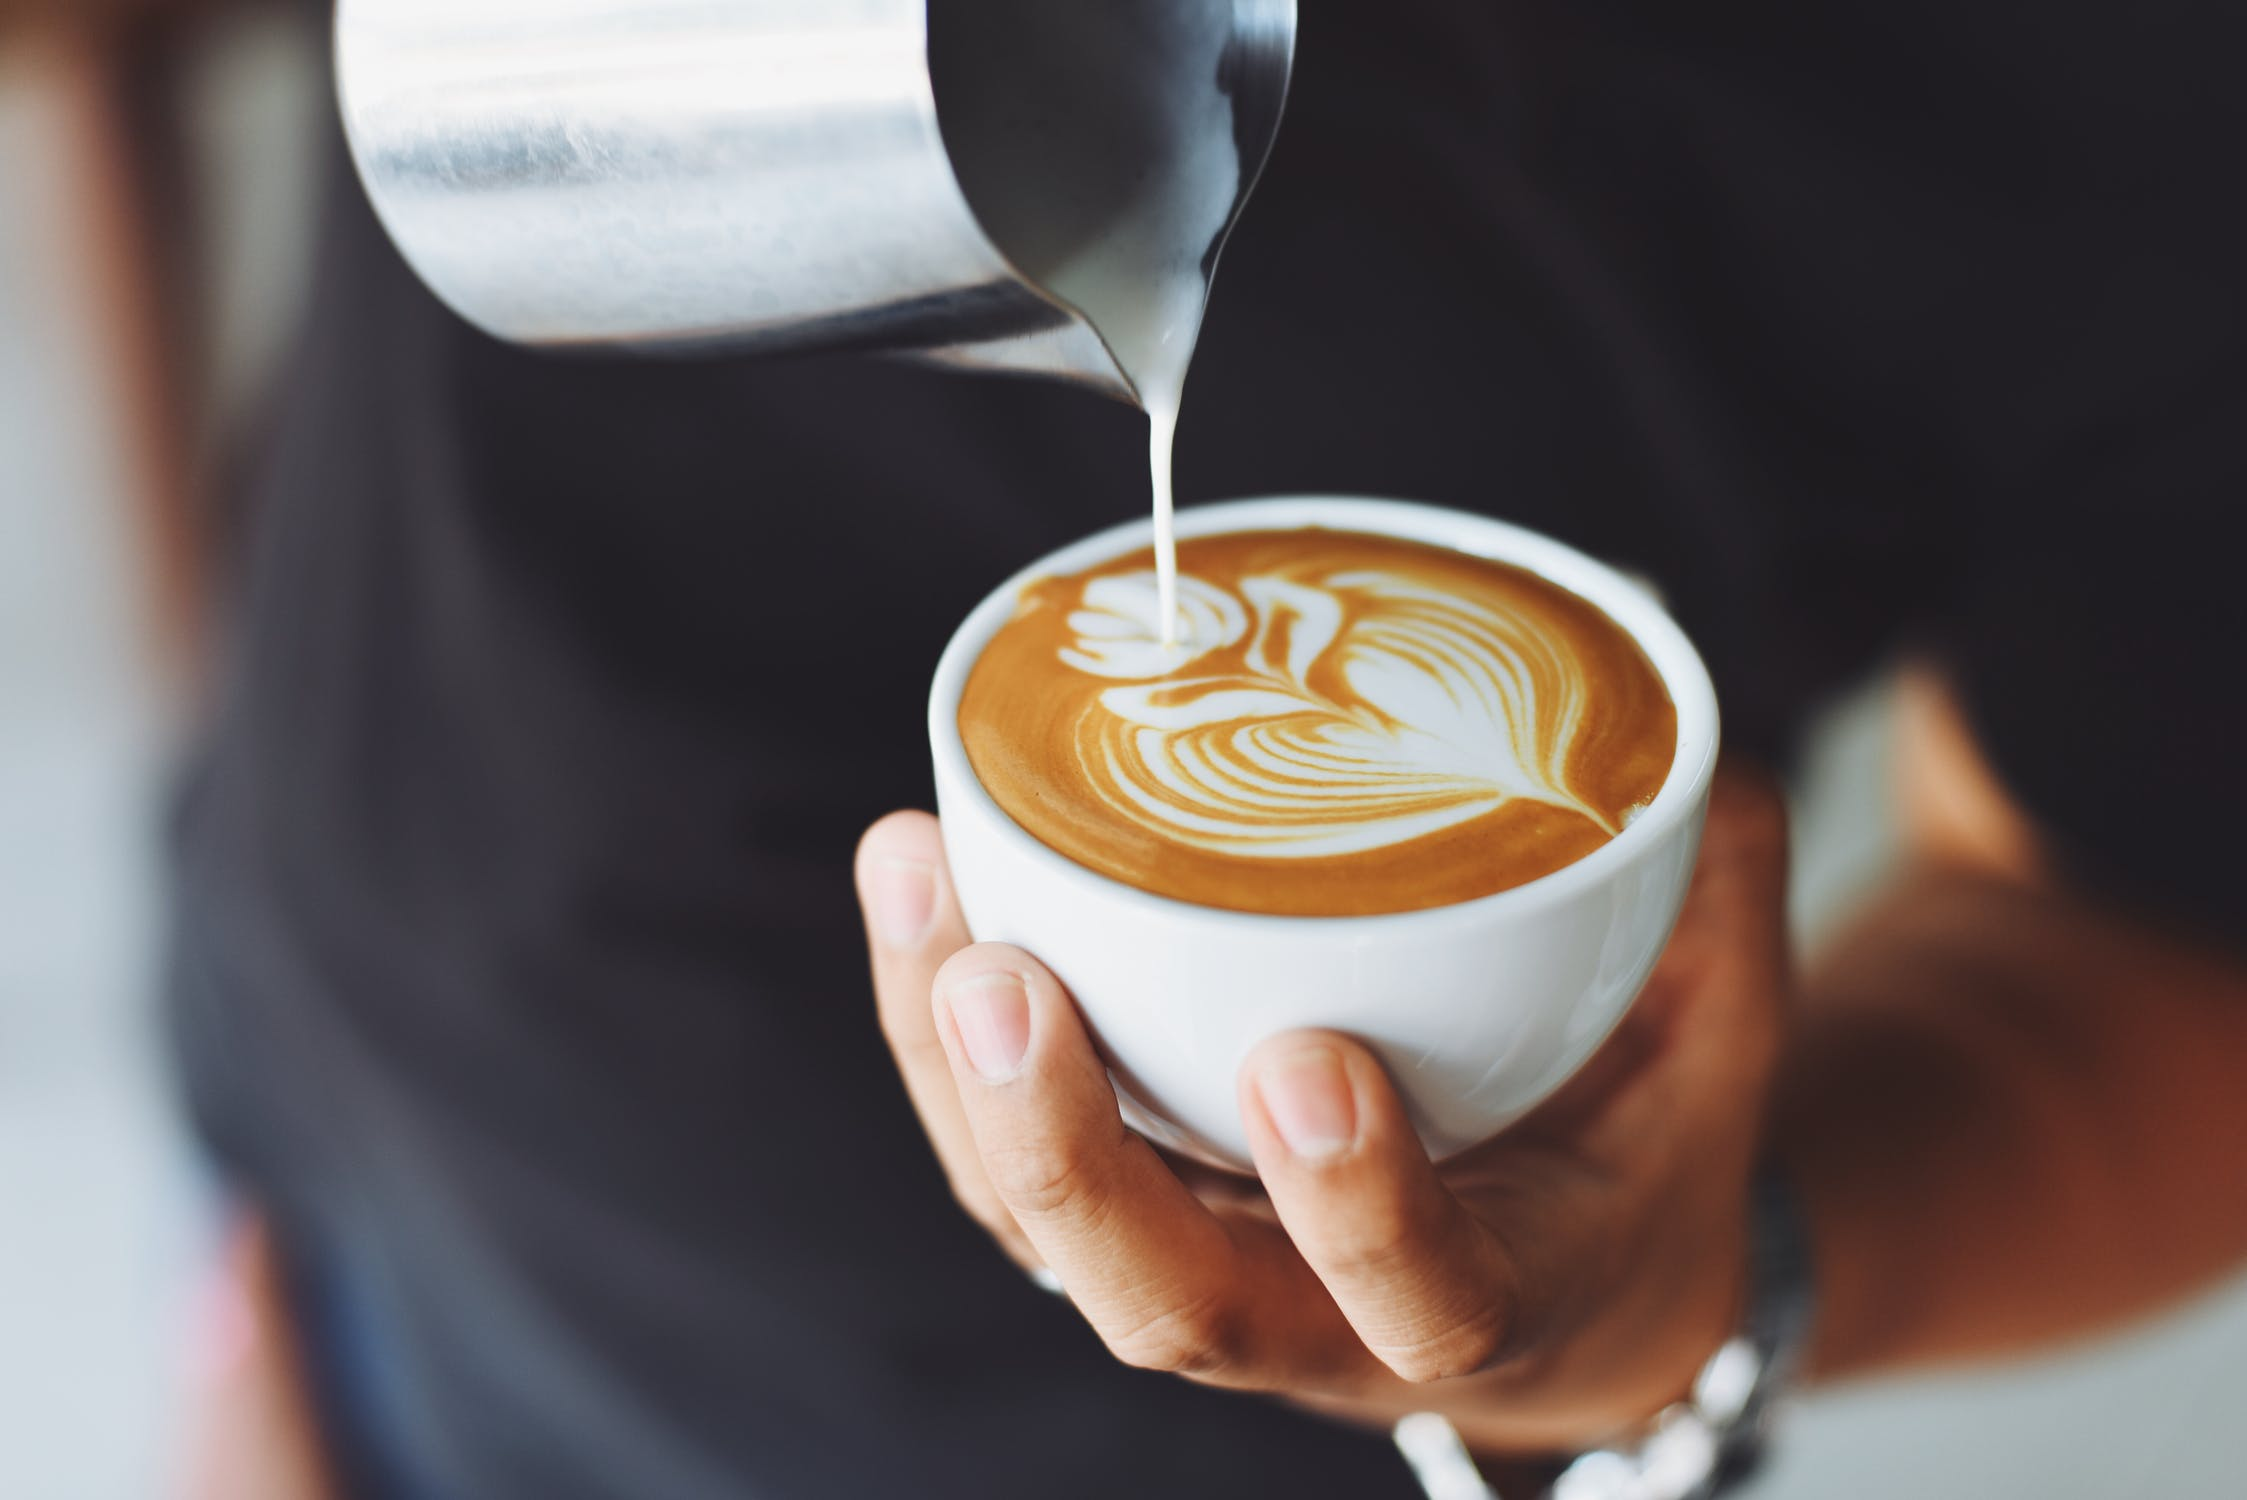 Beauté bienfaits du café: prenez le puisard! 1